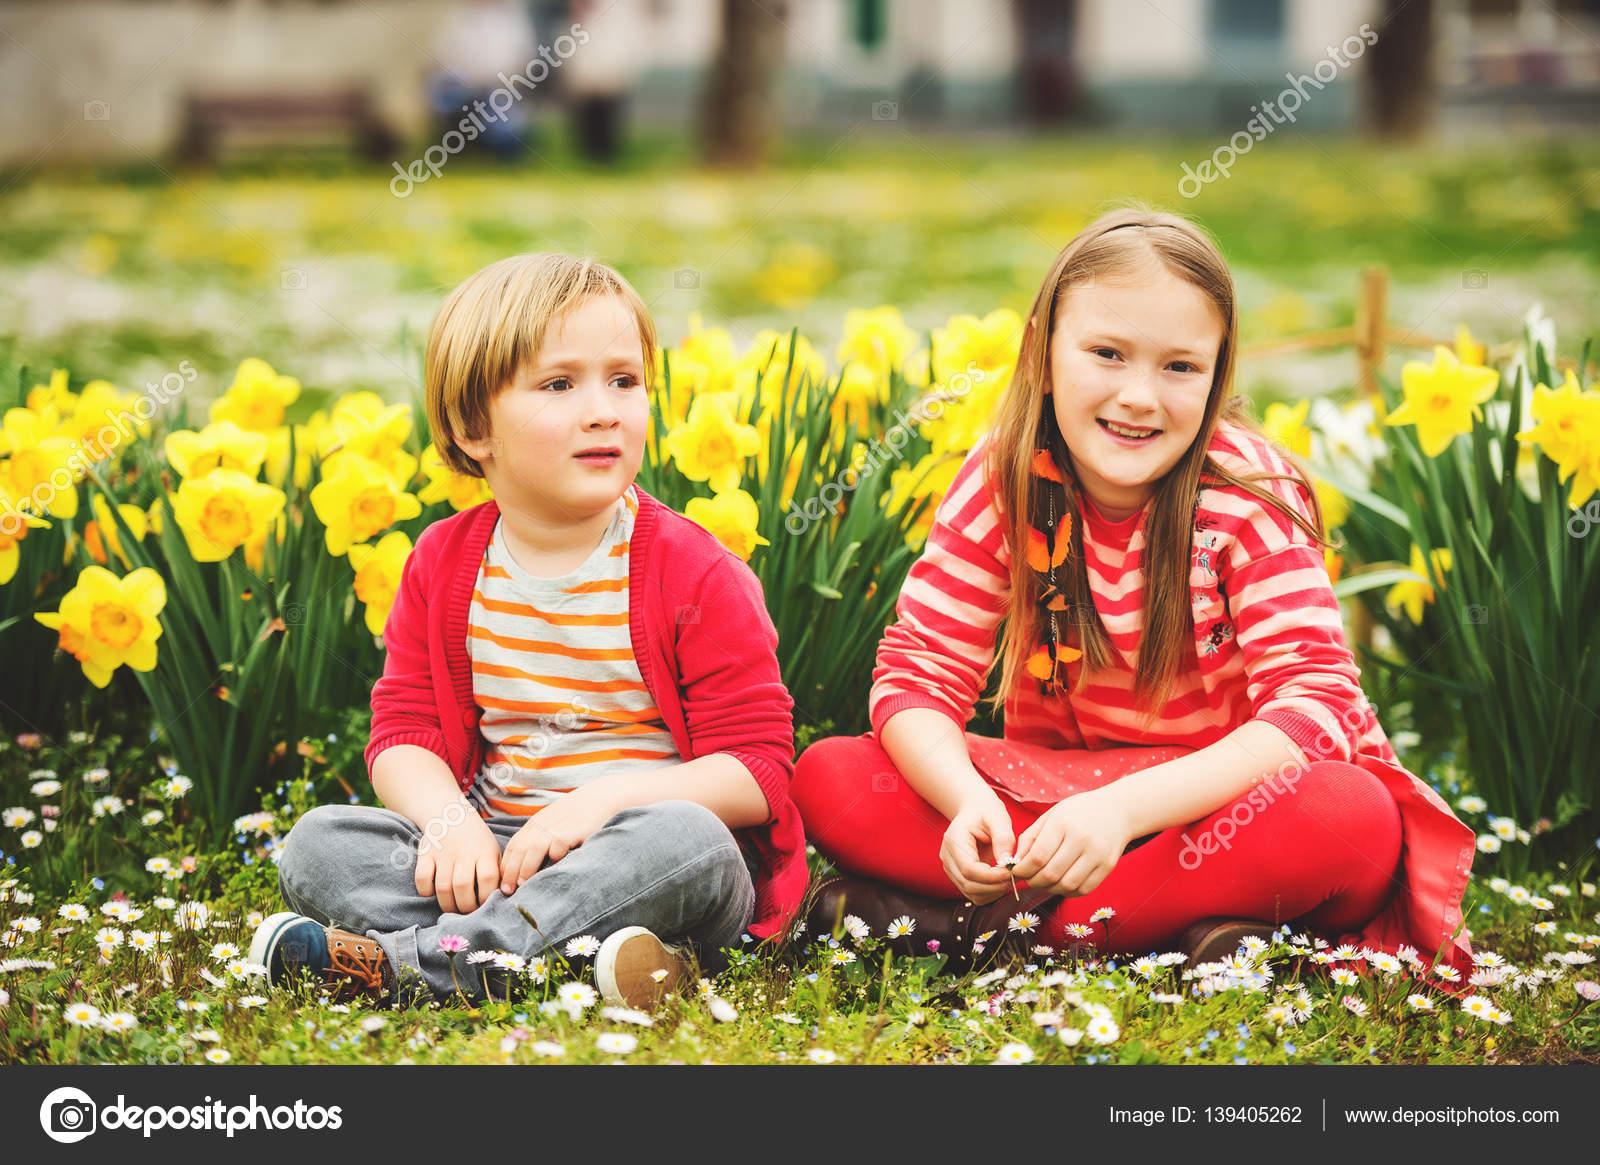 Парень в парке с цветами фото